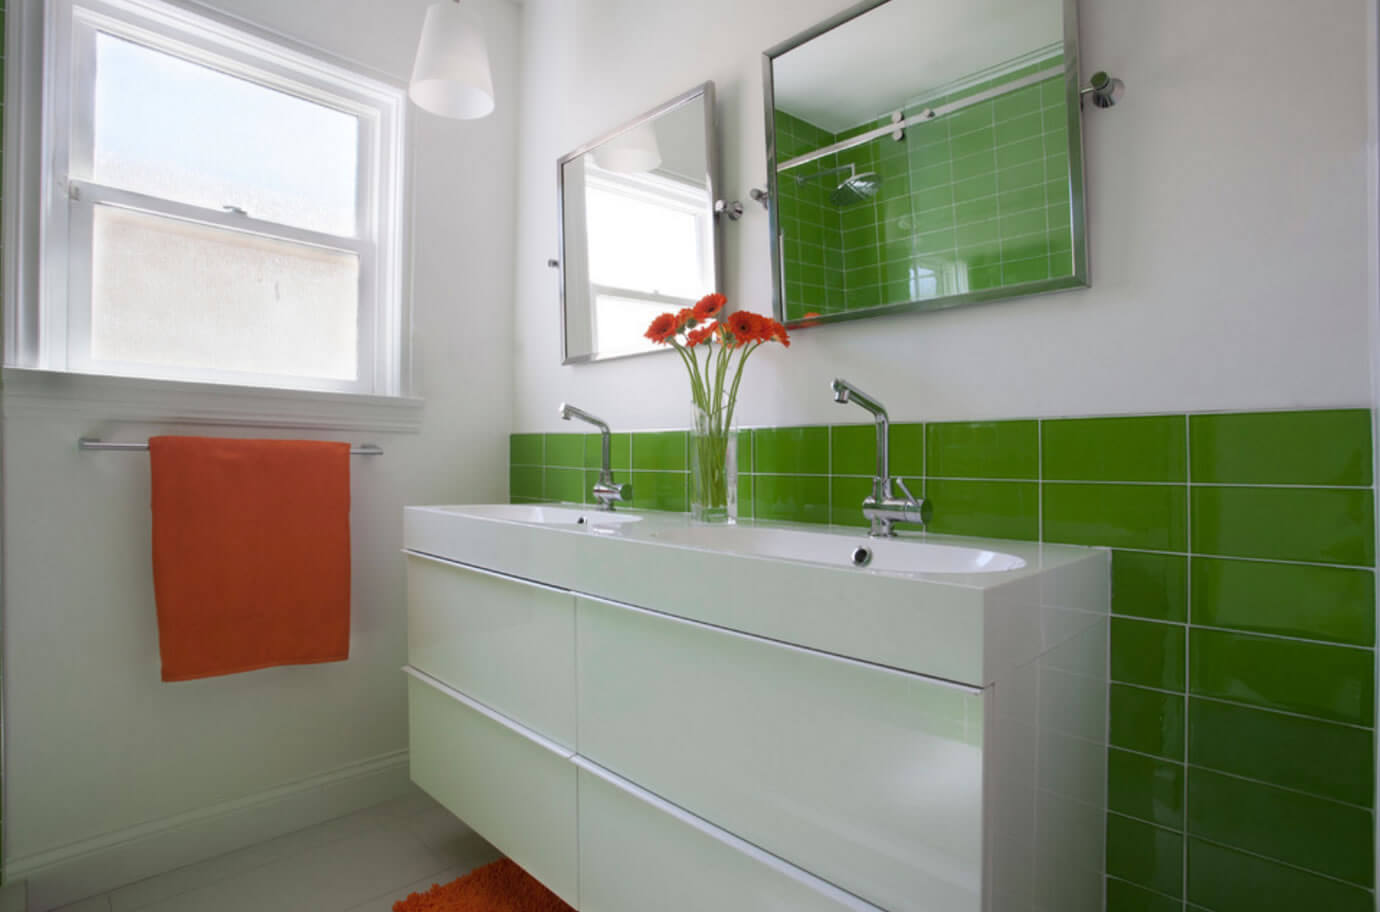 ideias interessantes de banheiros revestidos com pastilhas de vidro #83341D 1380 912